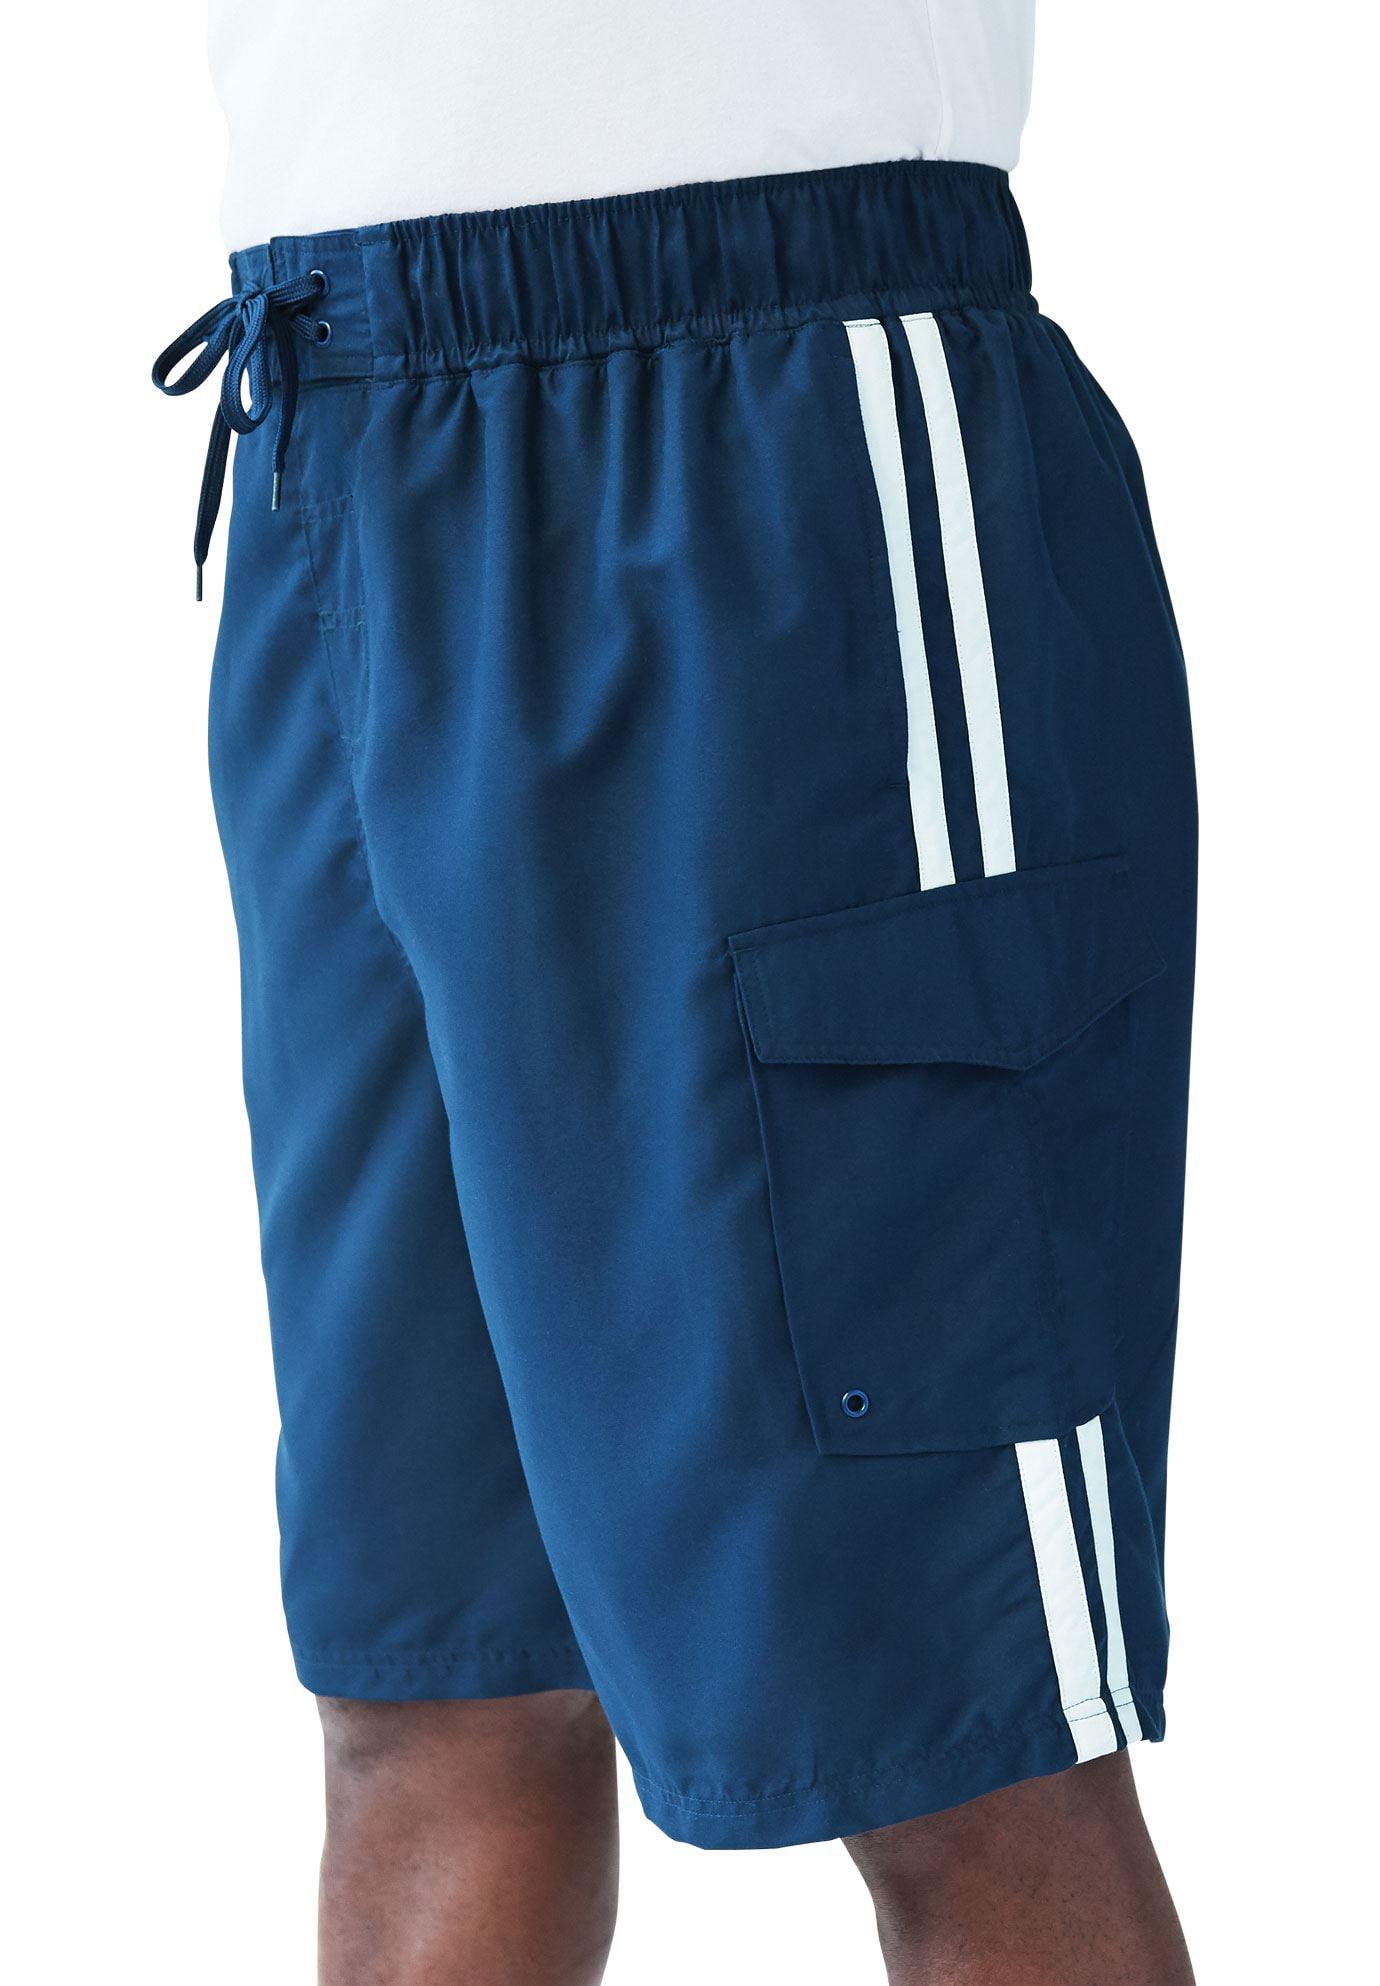 Kingsize Men's Big & Tall Double Stripe Board Shorts